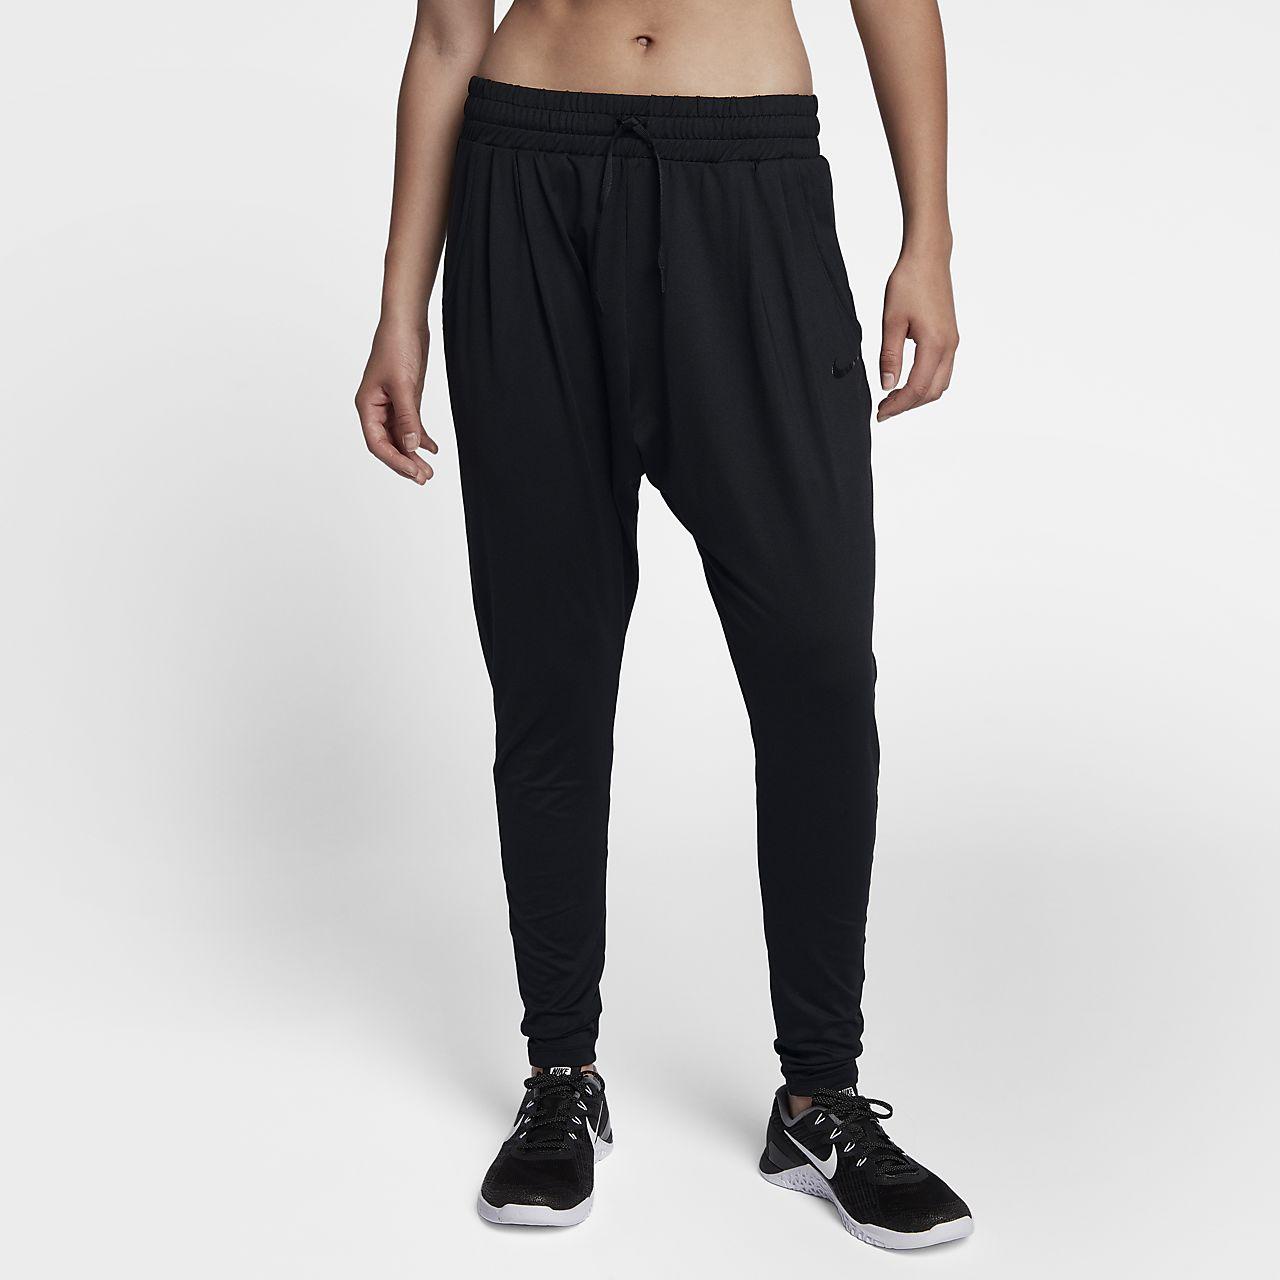 Nike Dri-FIT Lux Flow Pantalons d'entrenament amb cintura mitjana - Dona